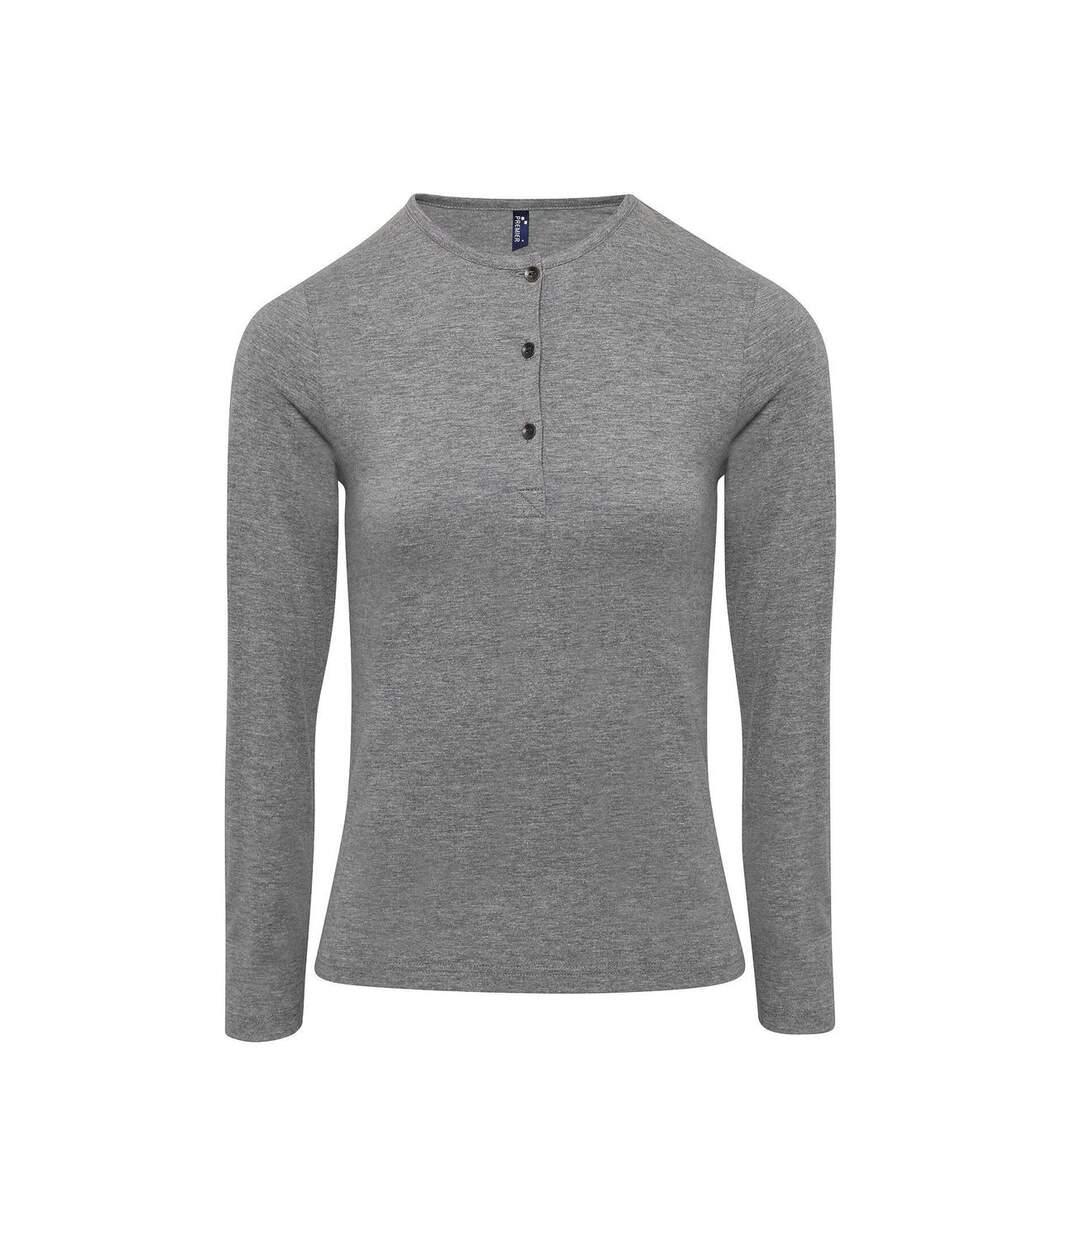 Dégagement T-shirt henley manches retroussables Femme PR318 gris dsf.d455nksdKLFHG